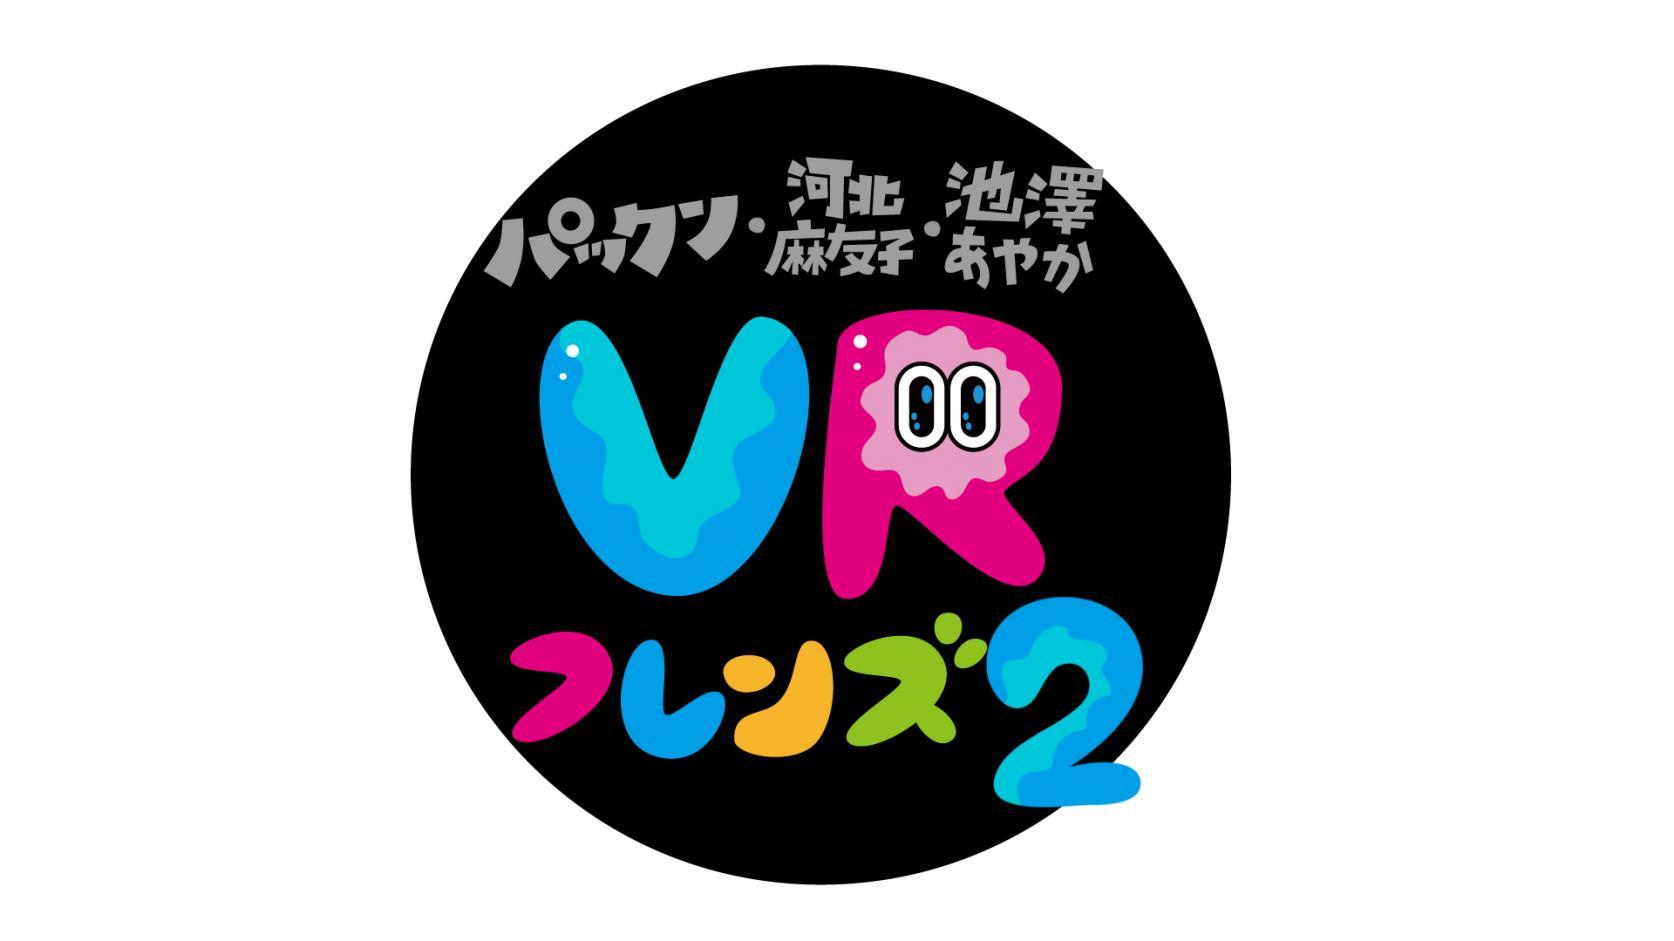 TOKYO MXテレビ「パックン・河北麻友子・池澤あやか VRフレンズ2」で土木工学科 関研究室が紹介されます。